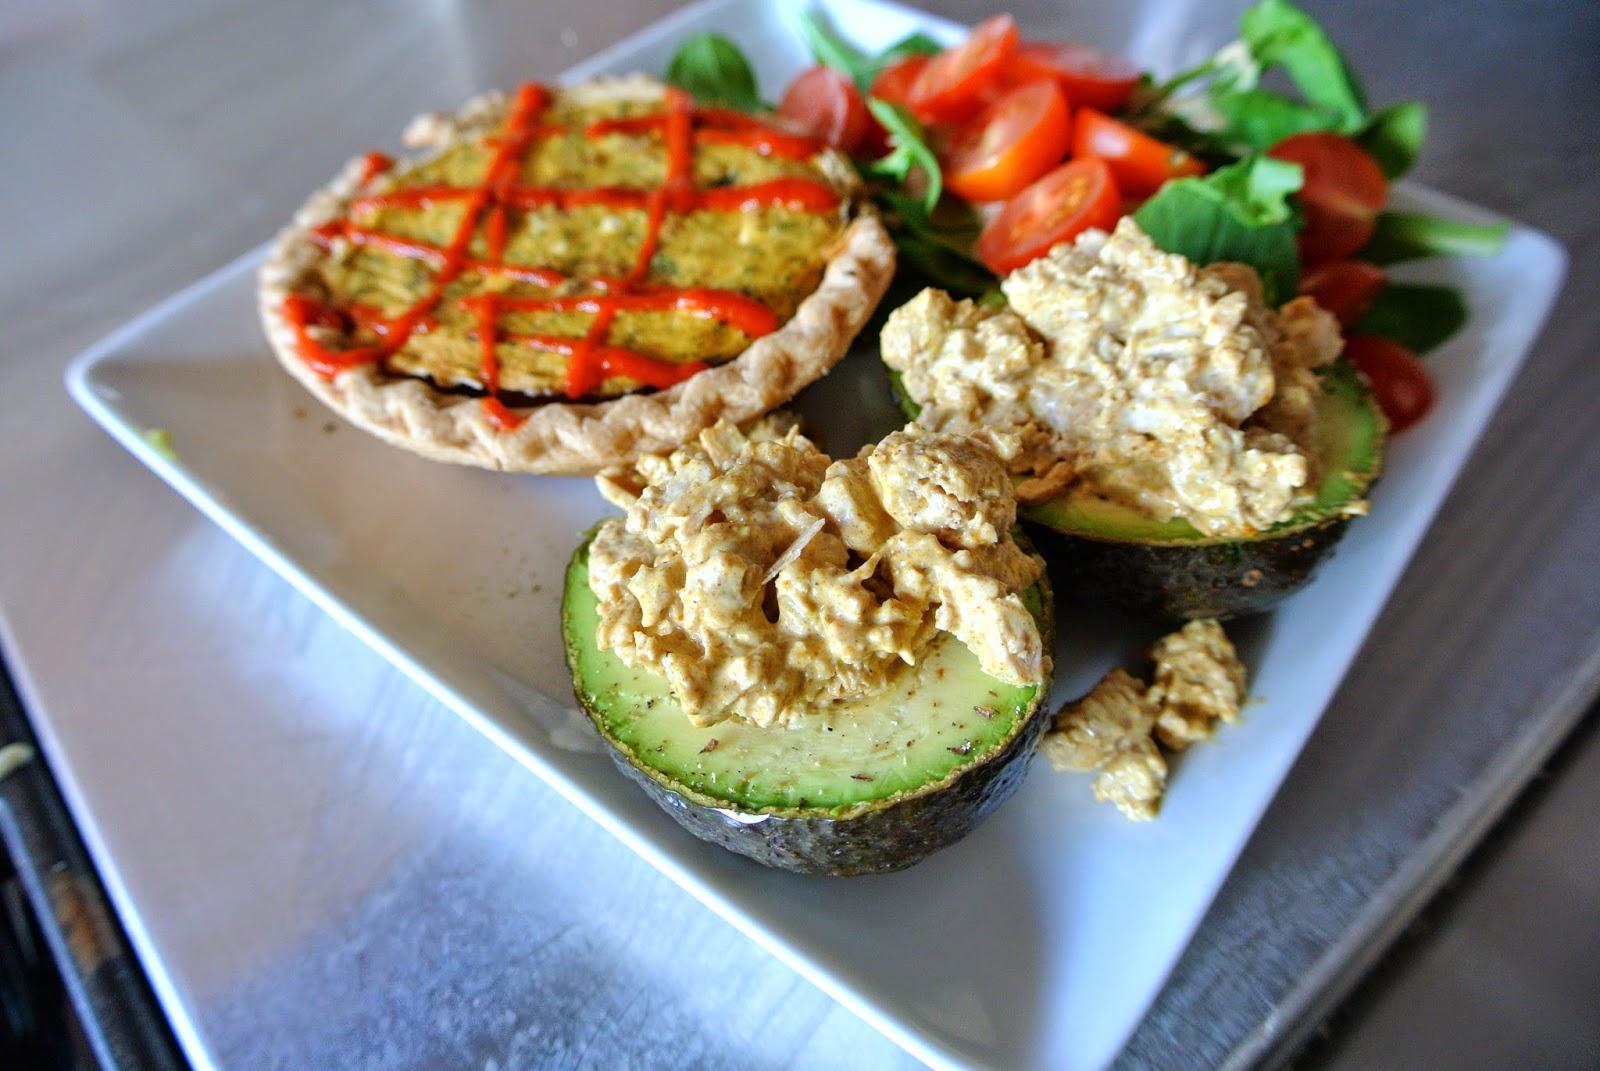 WIFELIFE: Mock Tuna Salad